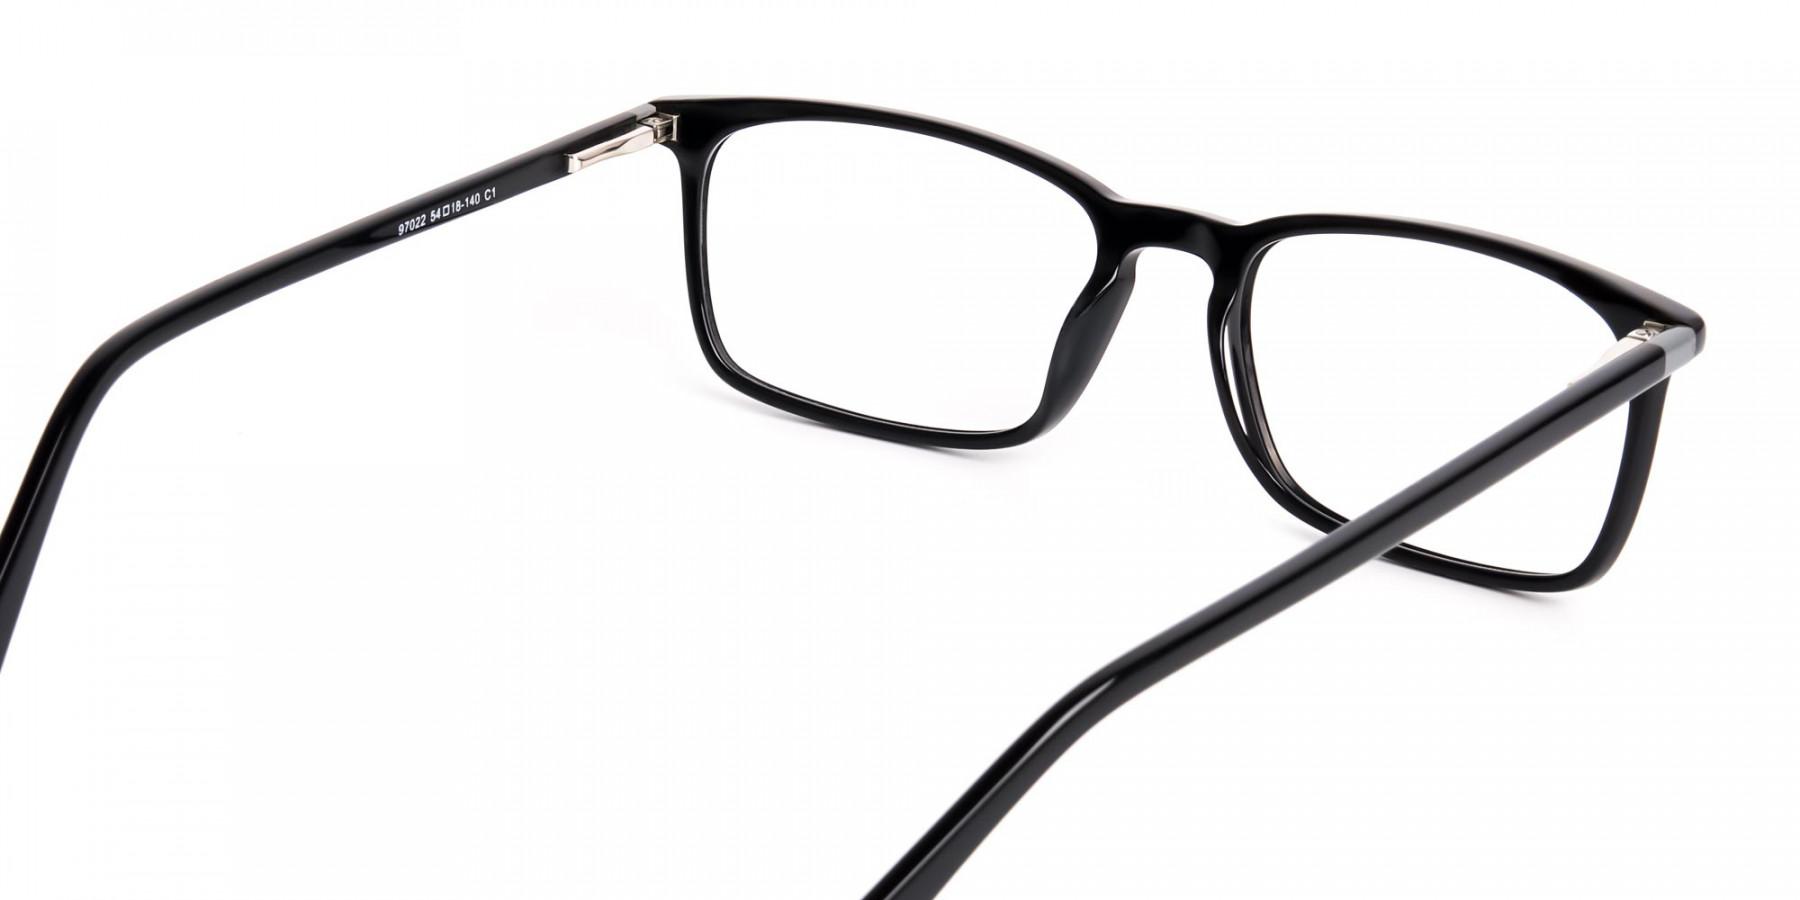 black-glasses-frames-rectangular-shape-frames-1